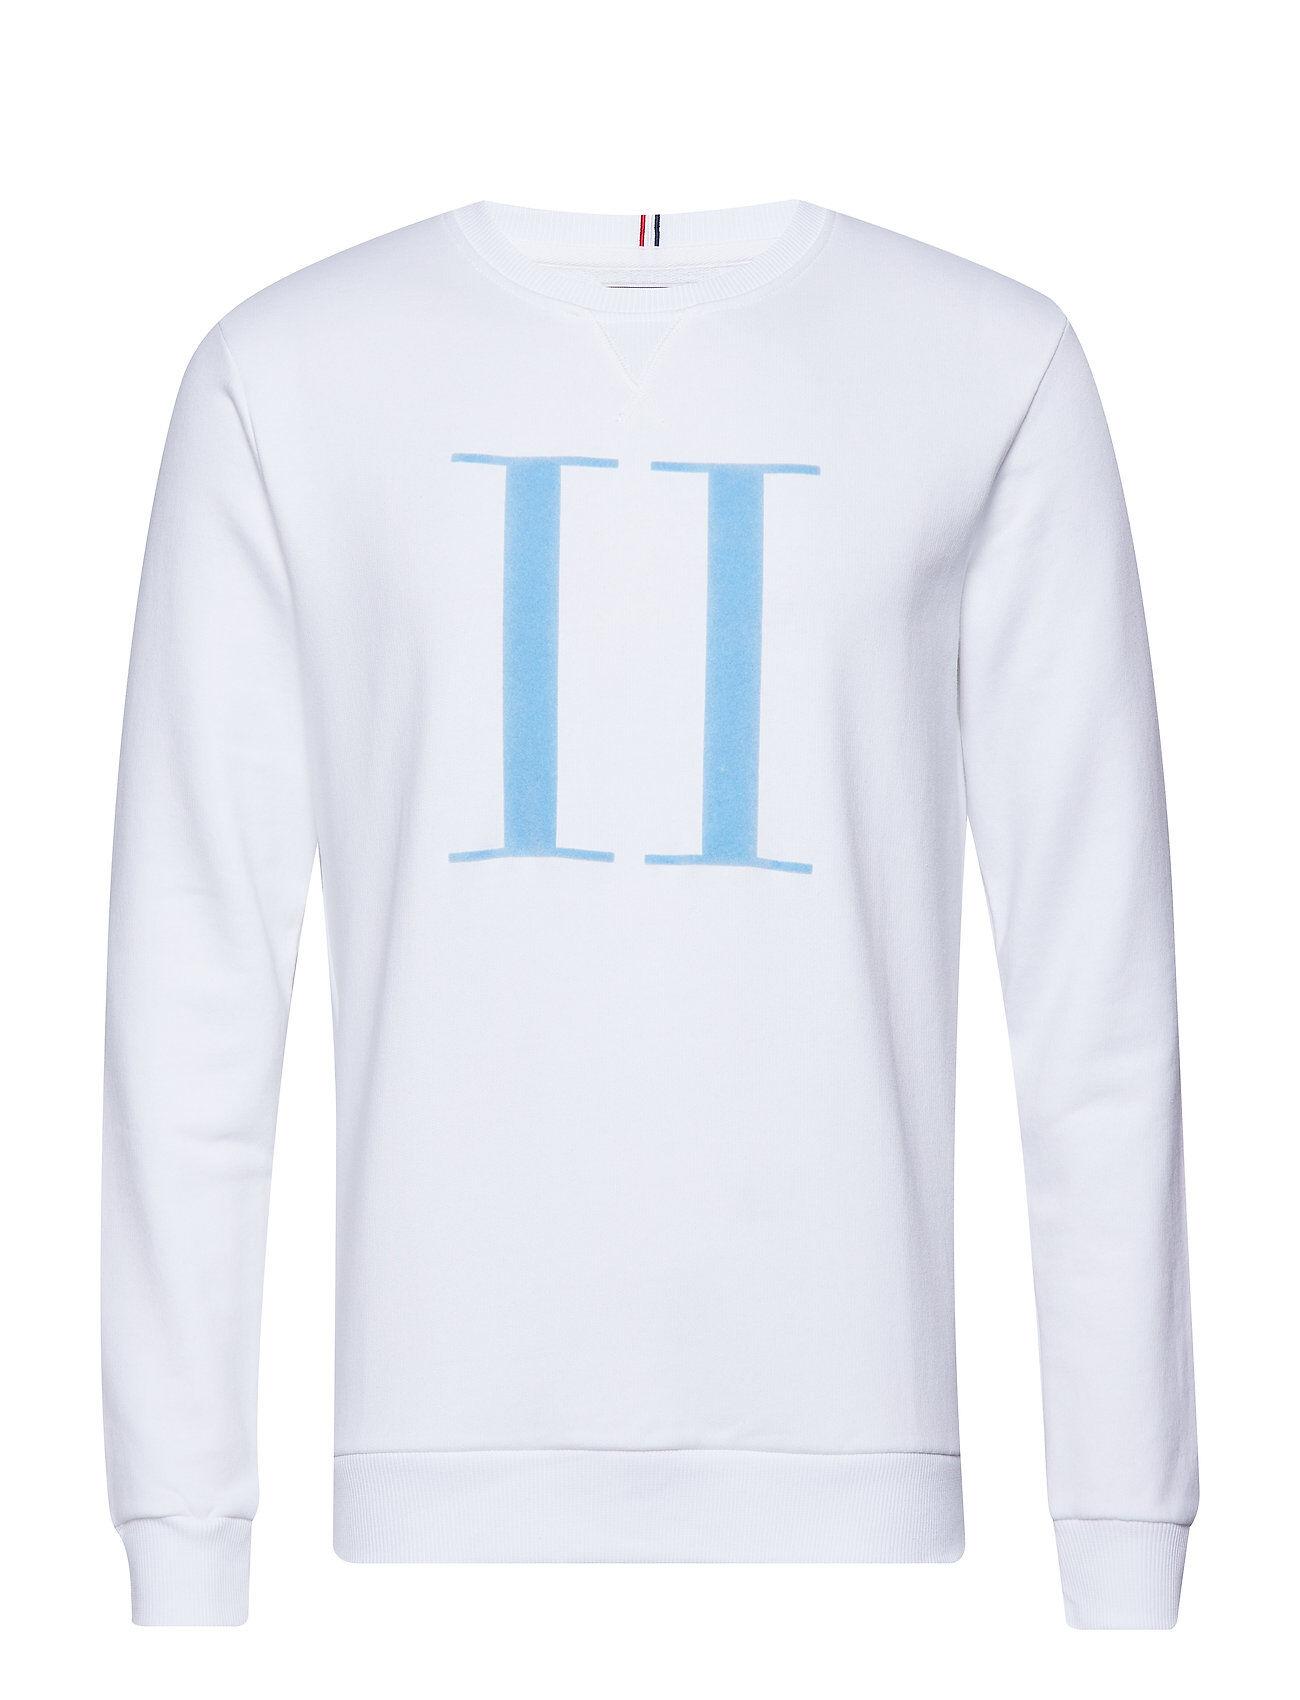 Les Deux Encore Light Sweatshirt